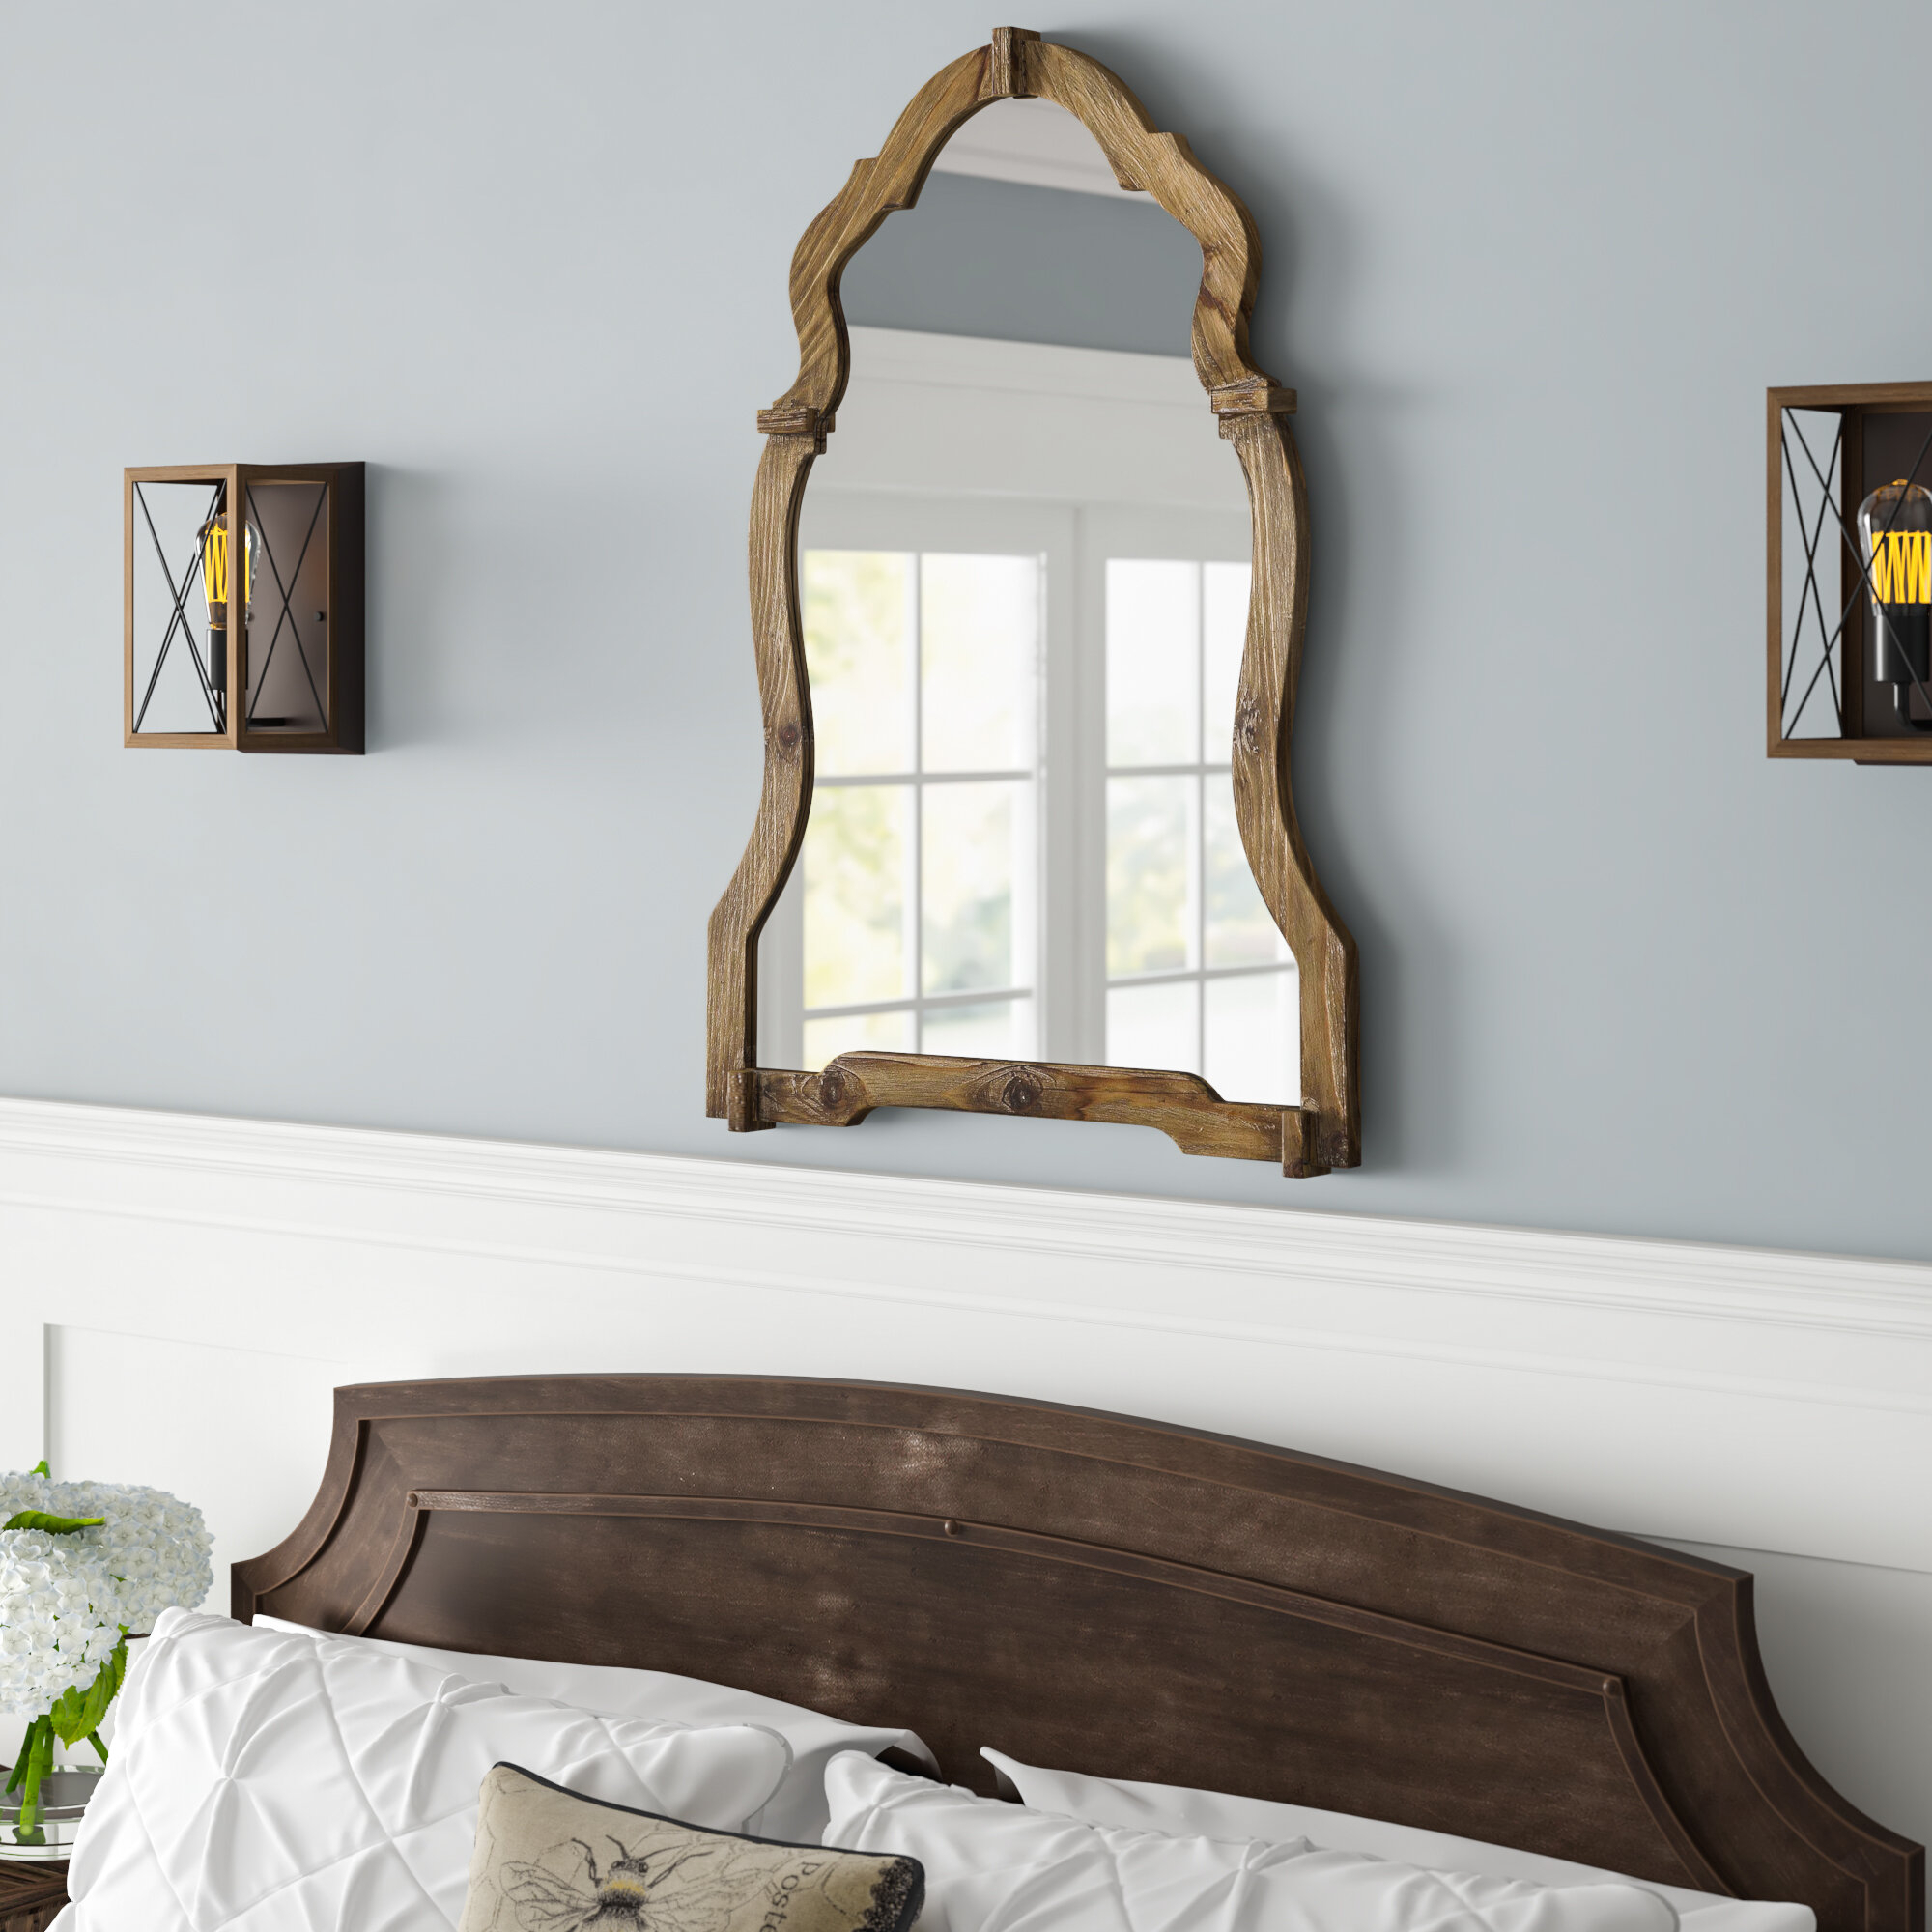 Walnut Wood Wall Mirror Pertaining To Walnut Wood Wall Mirrors (View 18 of 20)